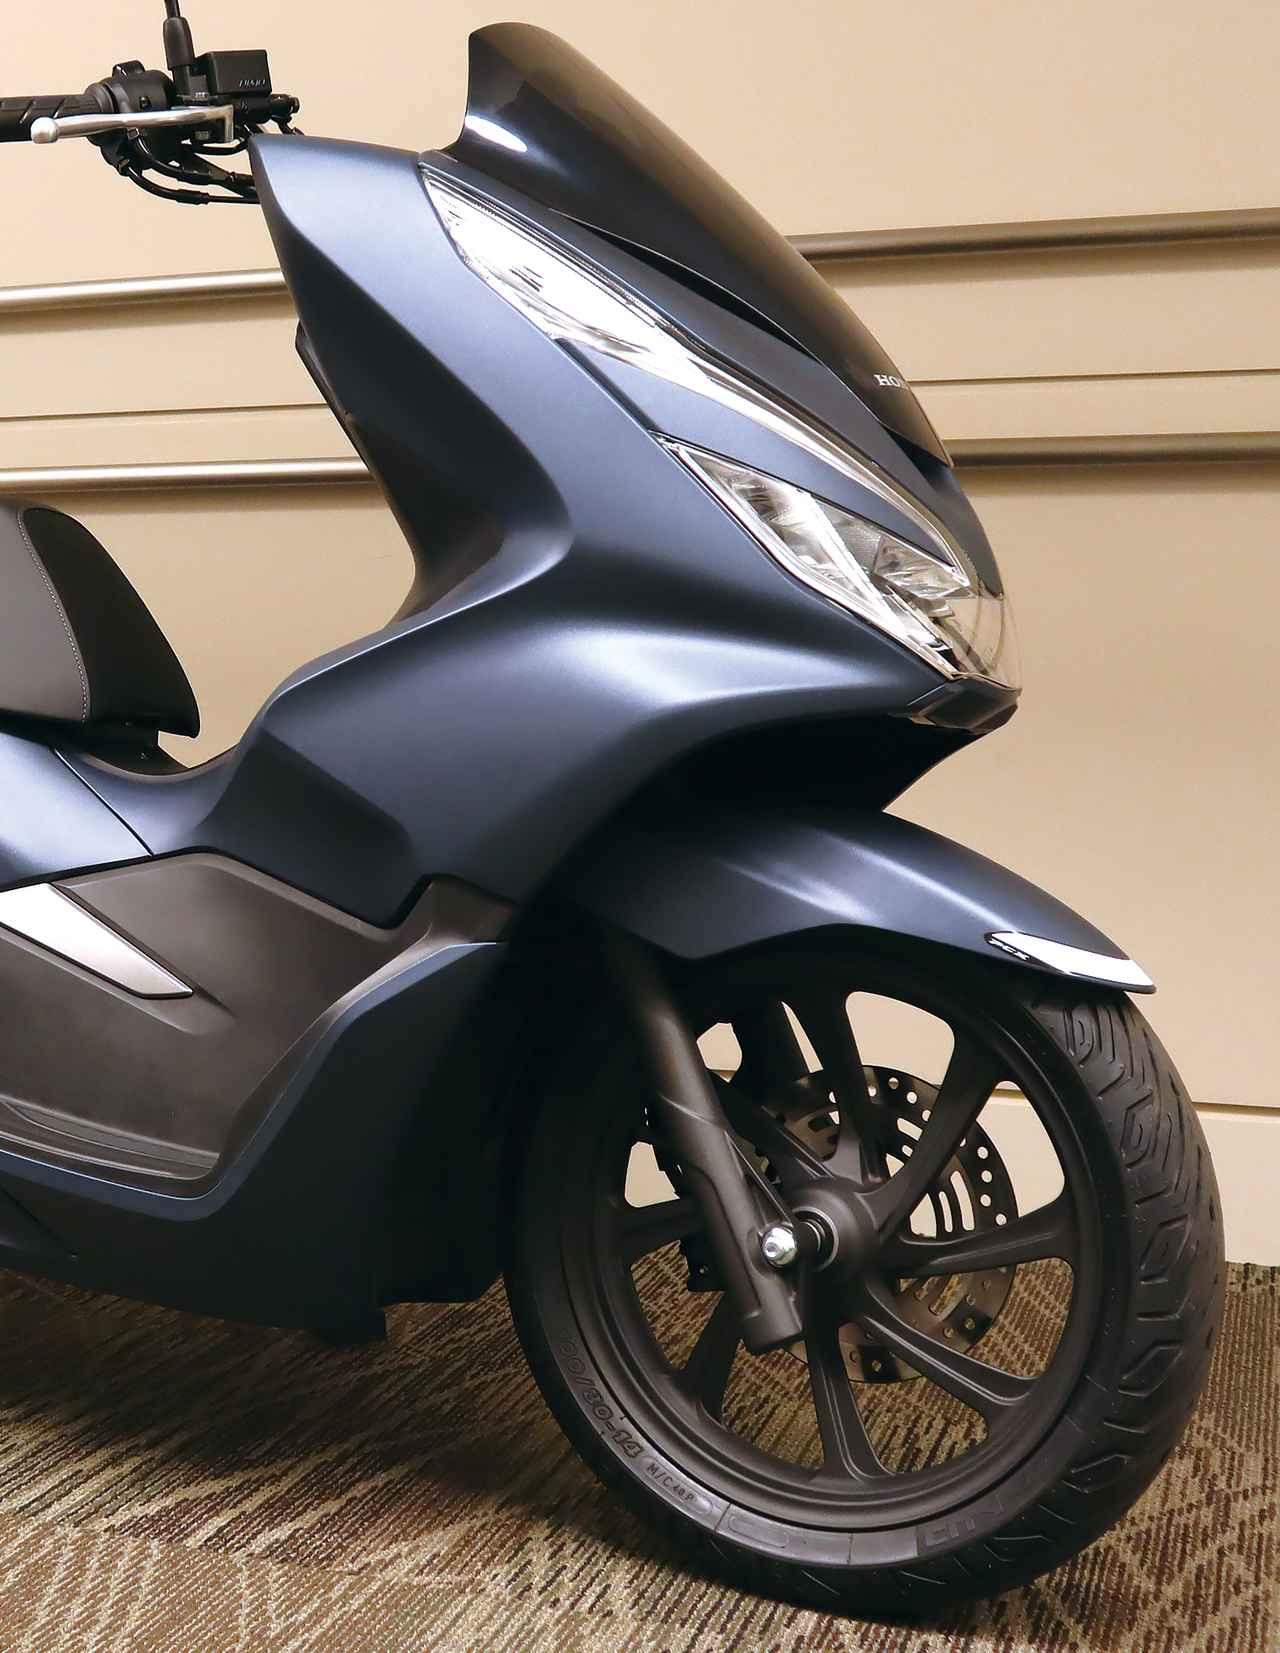 Images : 3番目の画像 - 「PCX」ブルーメタリック(受注期間限定カラー)の写真をもっと見る - webオートバイ